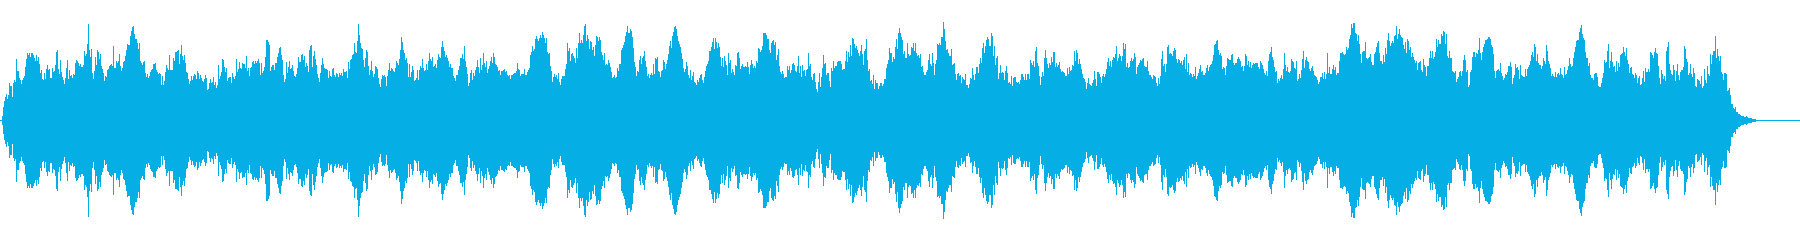 早朝の森に響き渡る静穏なアンビ系BGMの再生済みの波形